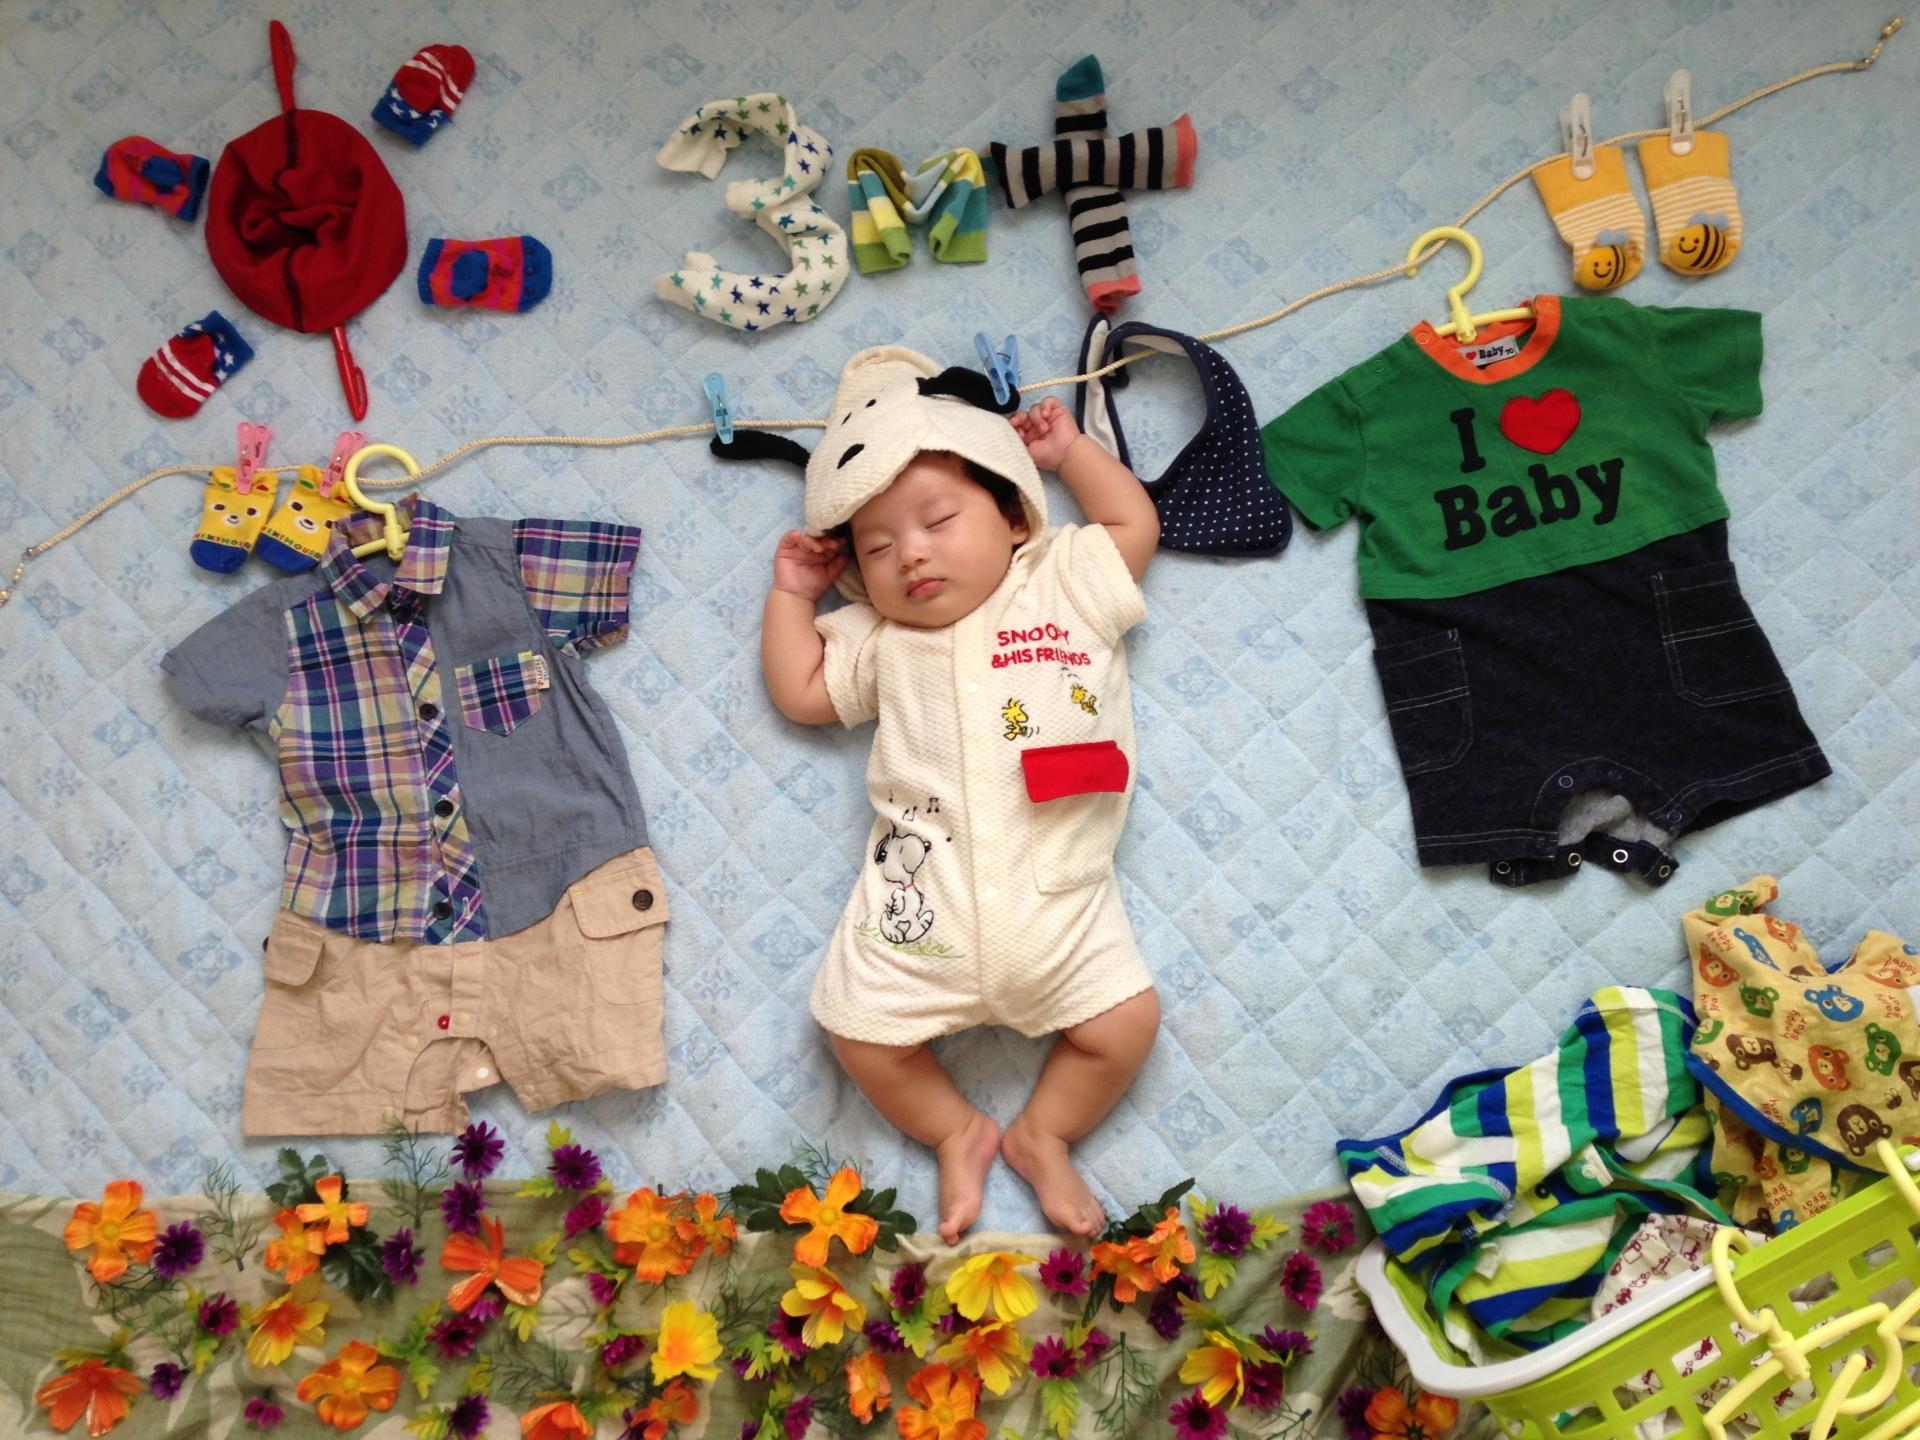 【育児】子どもの寝相が悪くて布団をかけるのも大変!原因や対策(1808文字)